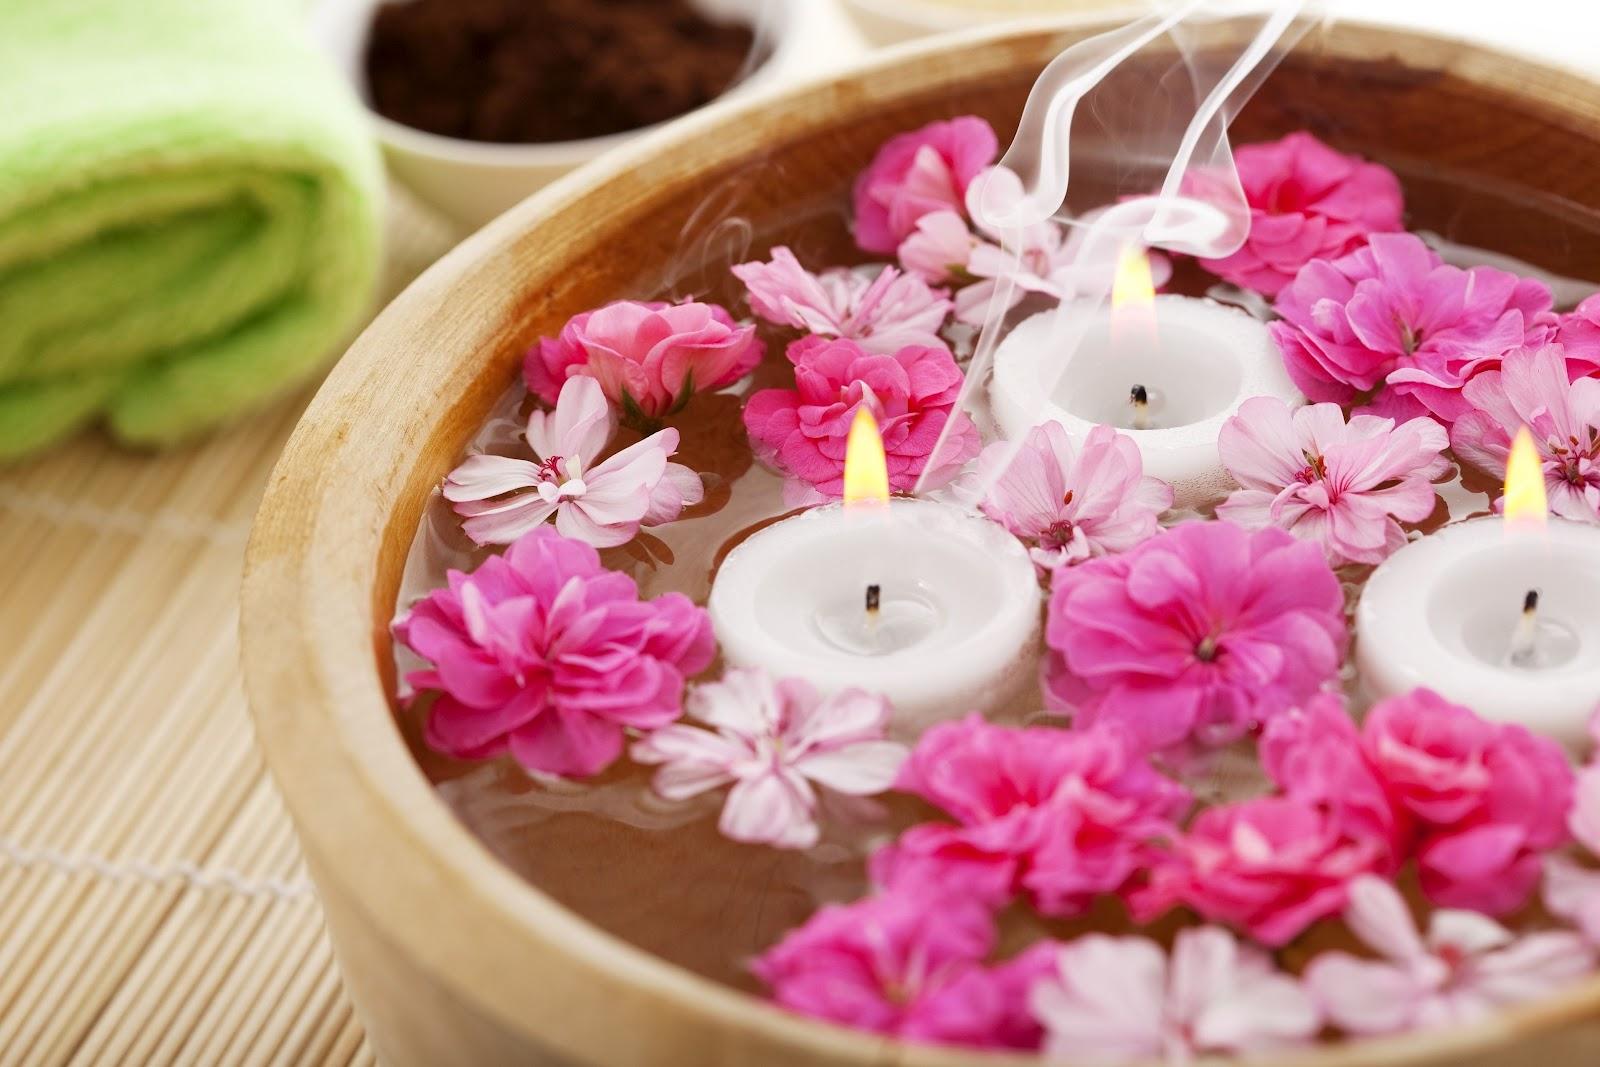 http://4.bp.blogspot.com/-2zz6dYebBxk/T9ErKzuAfzI/AAAAAAAAFQc/VUkPVpsaXPE/s1600/fleurs+bougies+2.JPG